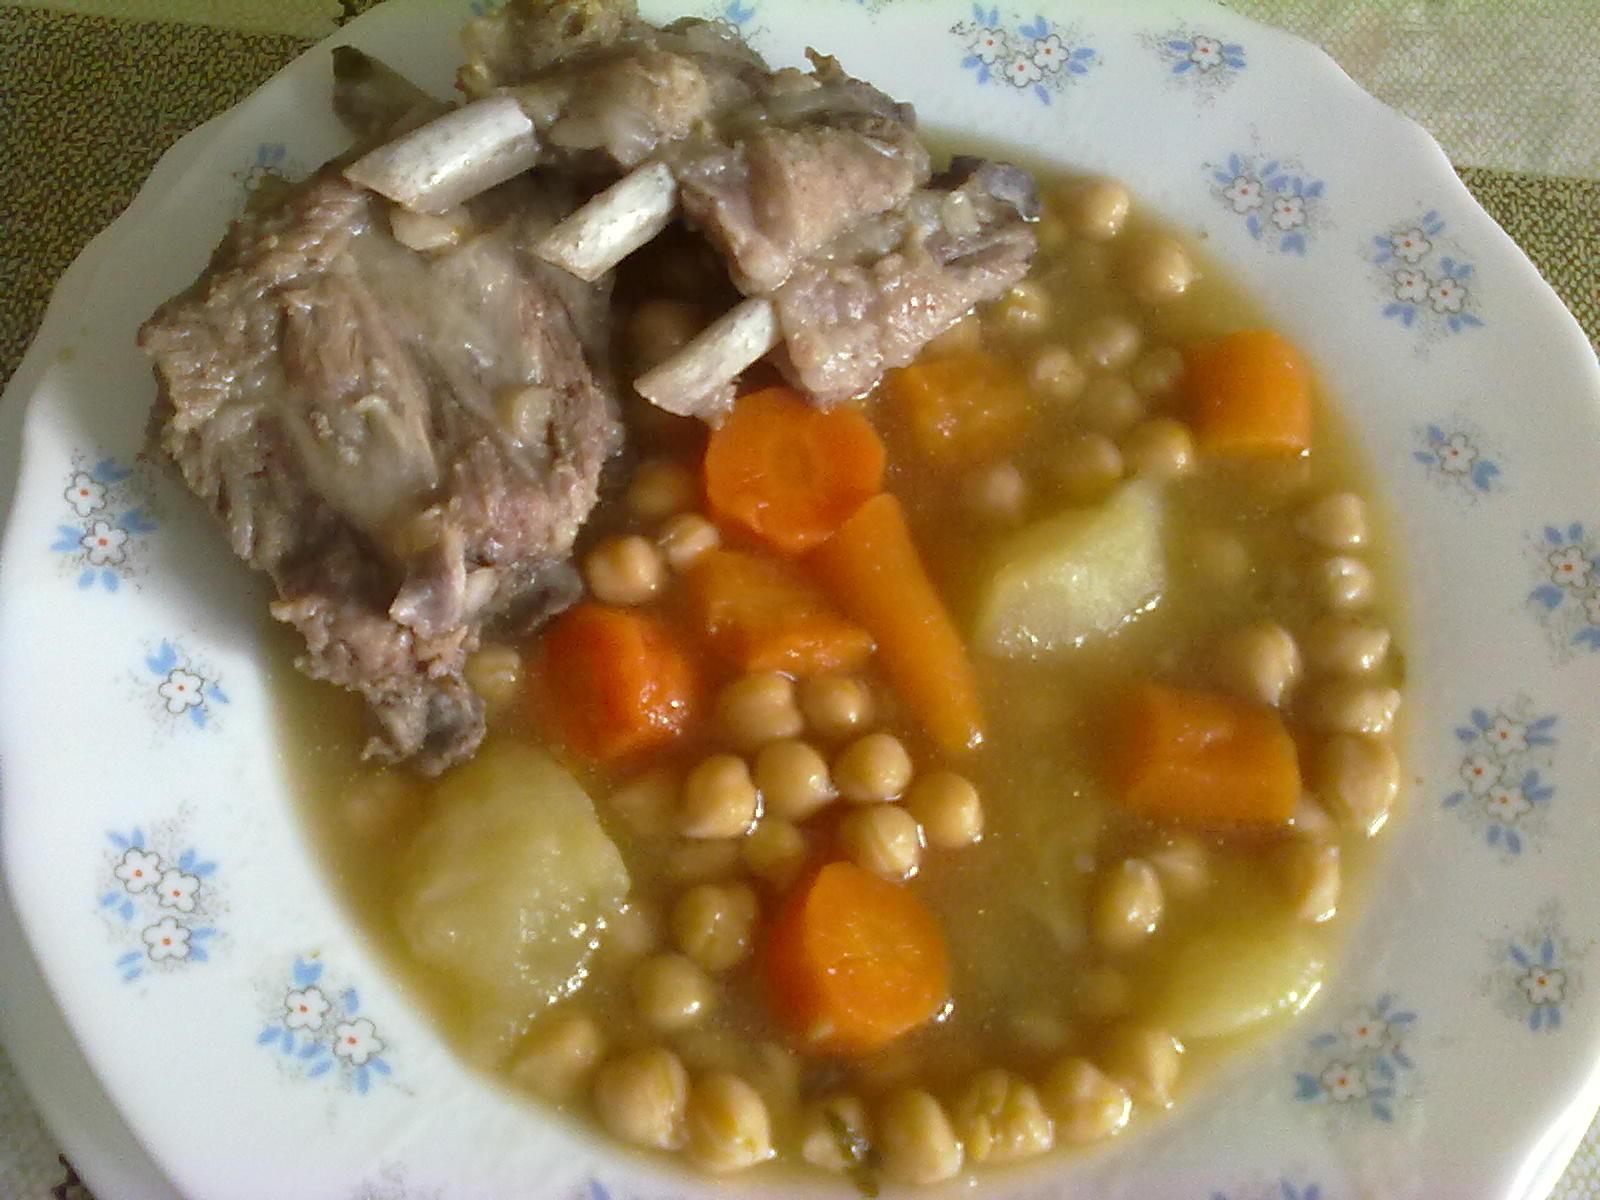 Las comidas de carmen garbanzos con costillas - Garbanzos con costillas ...